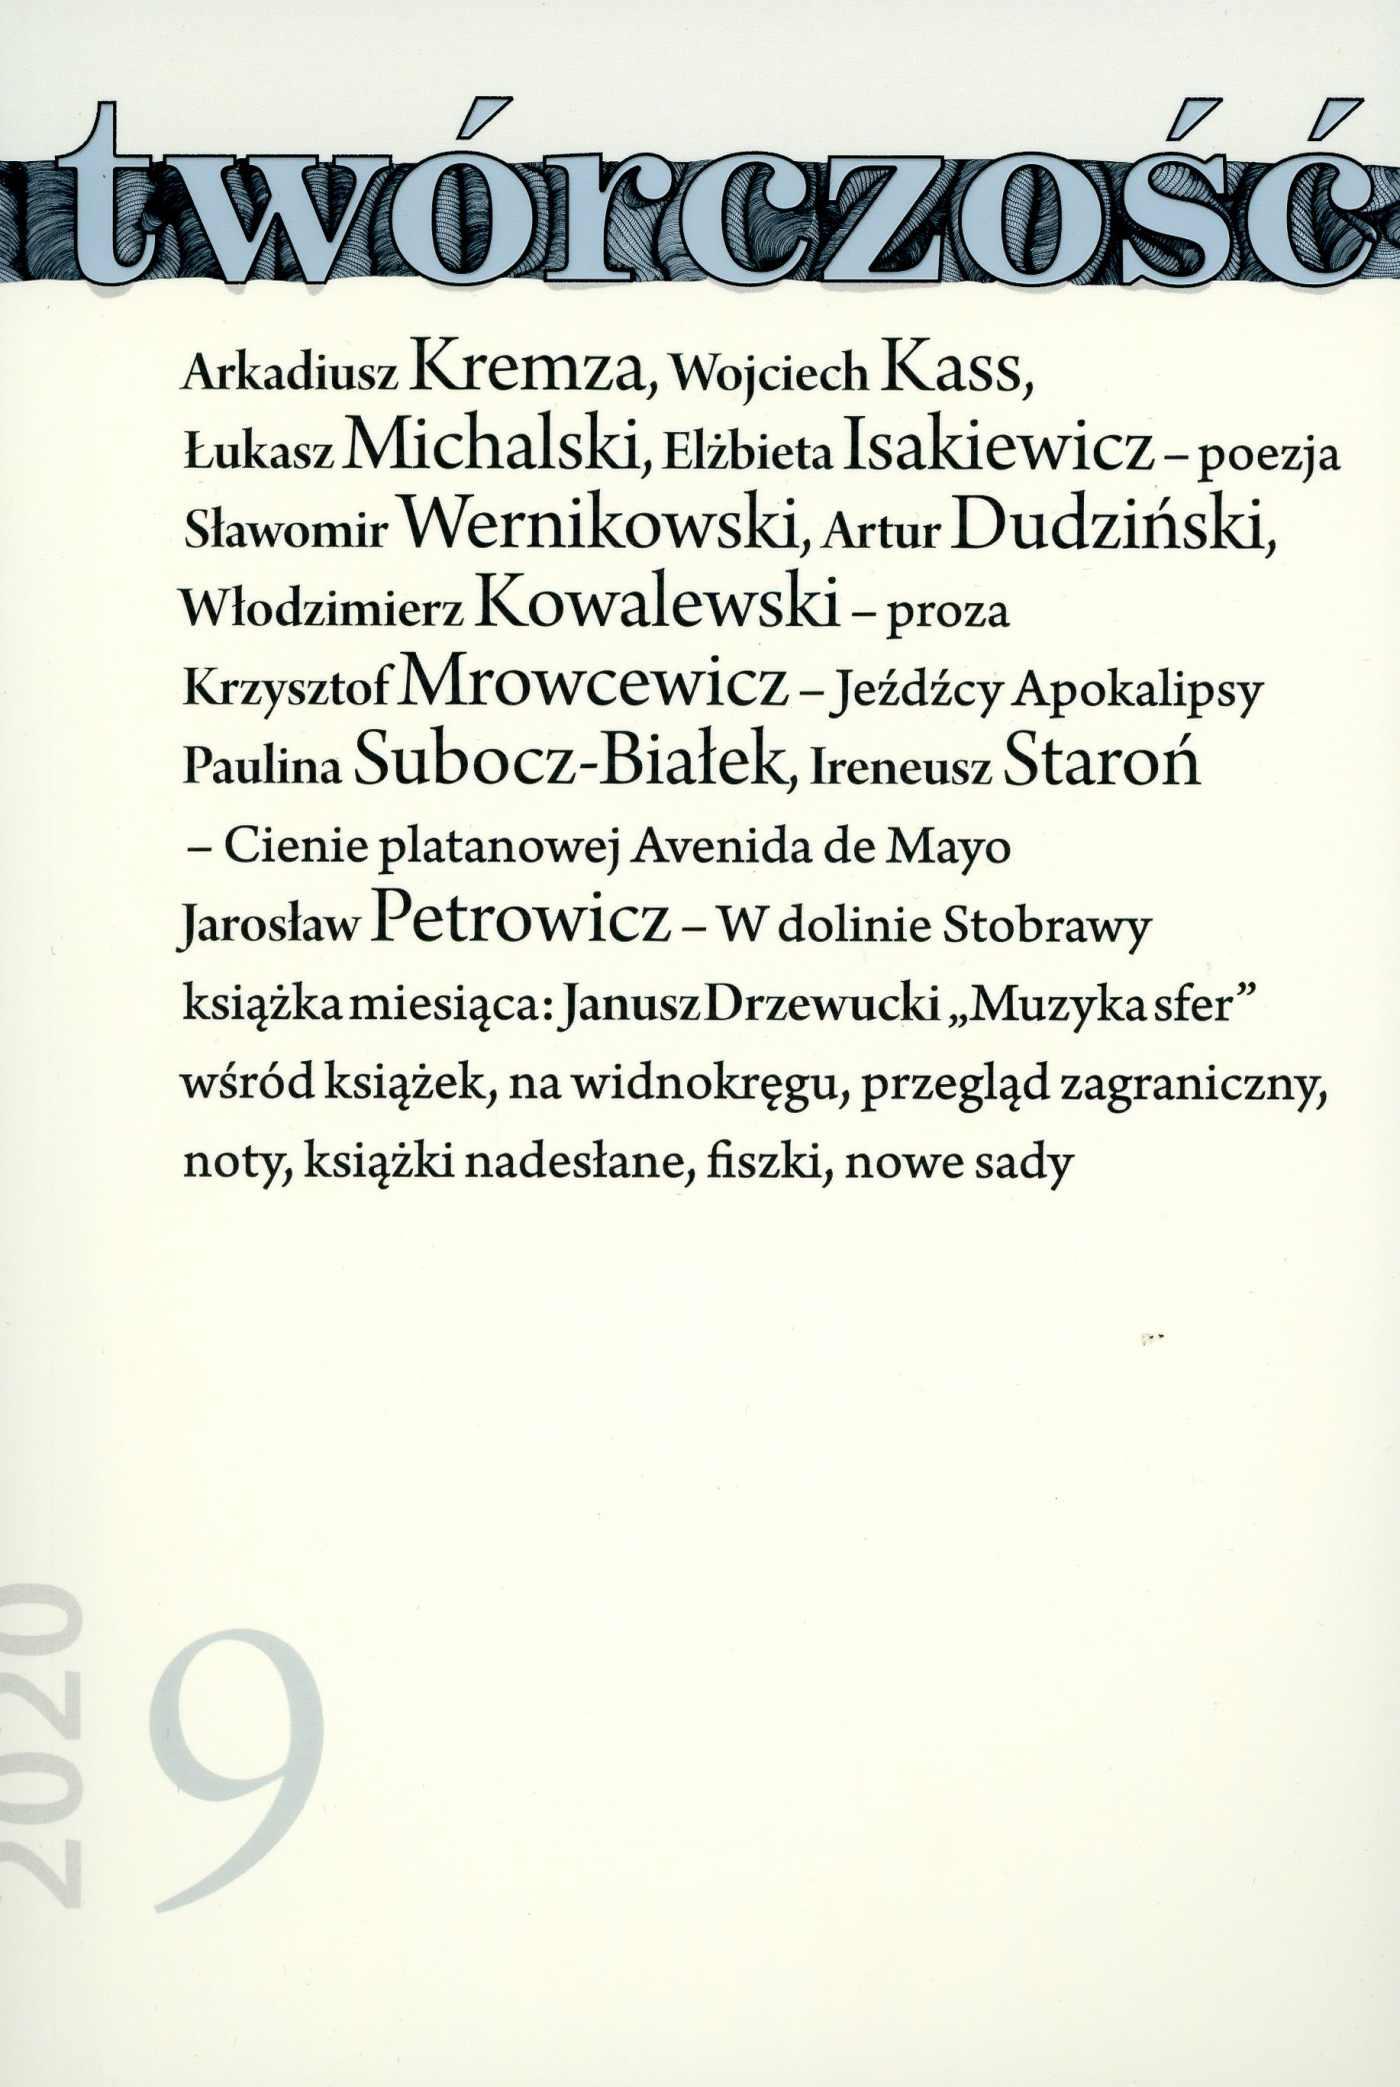 Twórczość 9/2020 - Ebook (Książka EPUB) do pobrania w formacie EPUB